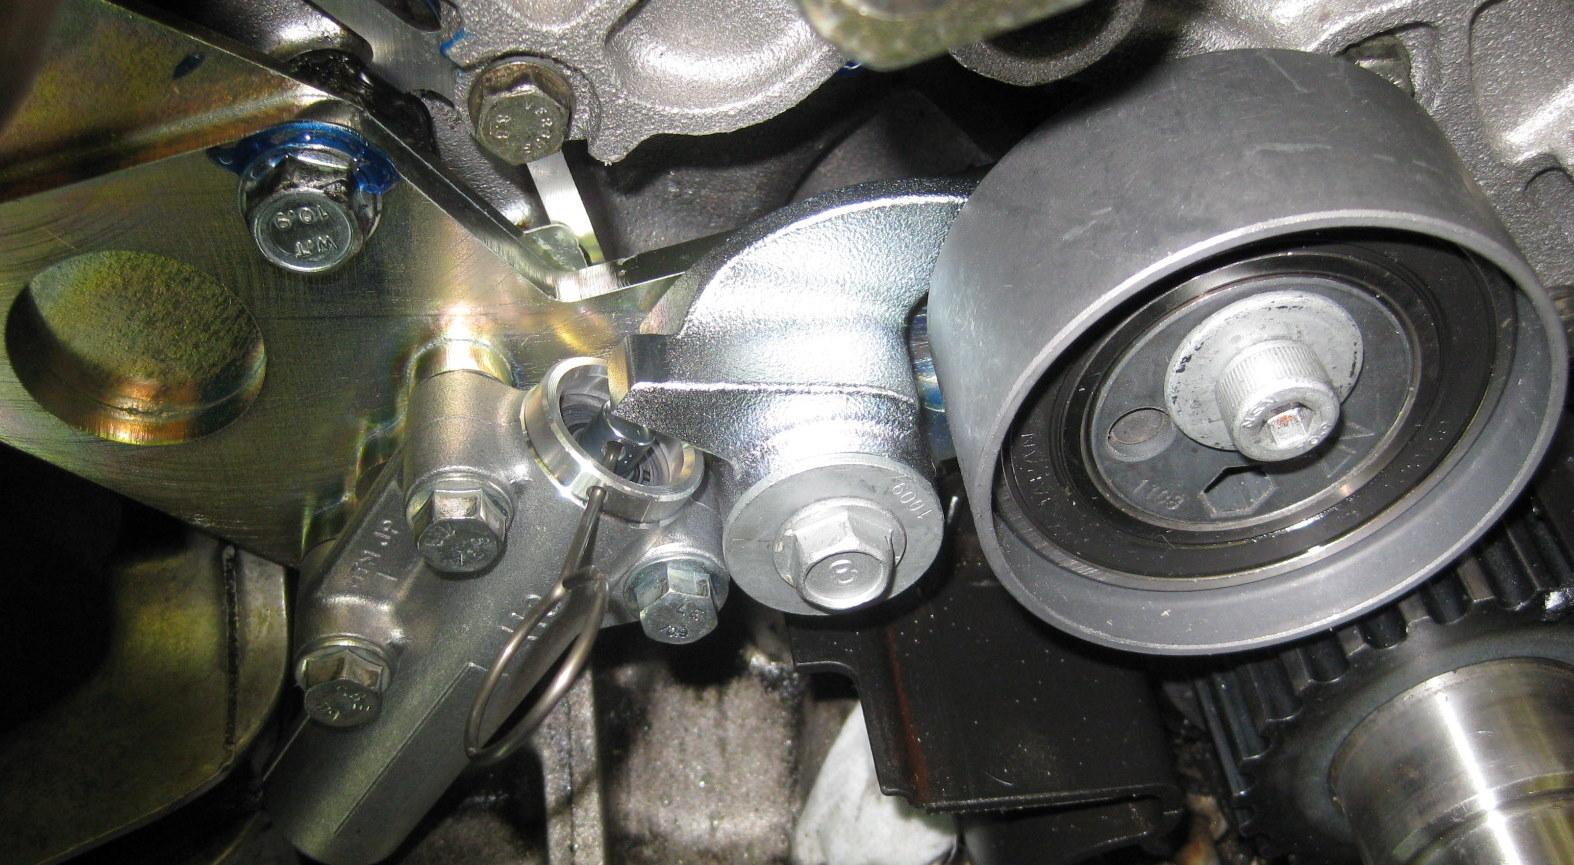 Porkensioner, der alternative Riemenentspanner aus dem Audi V6